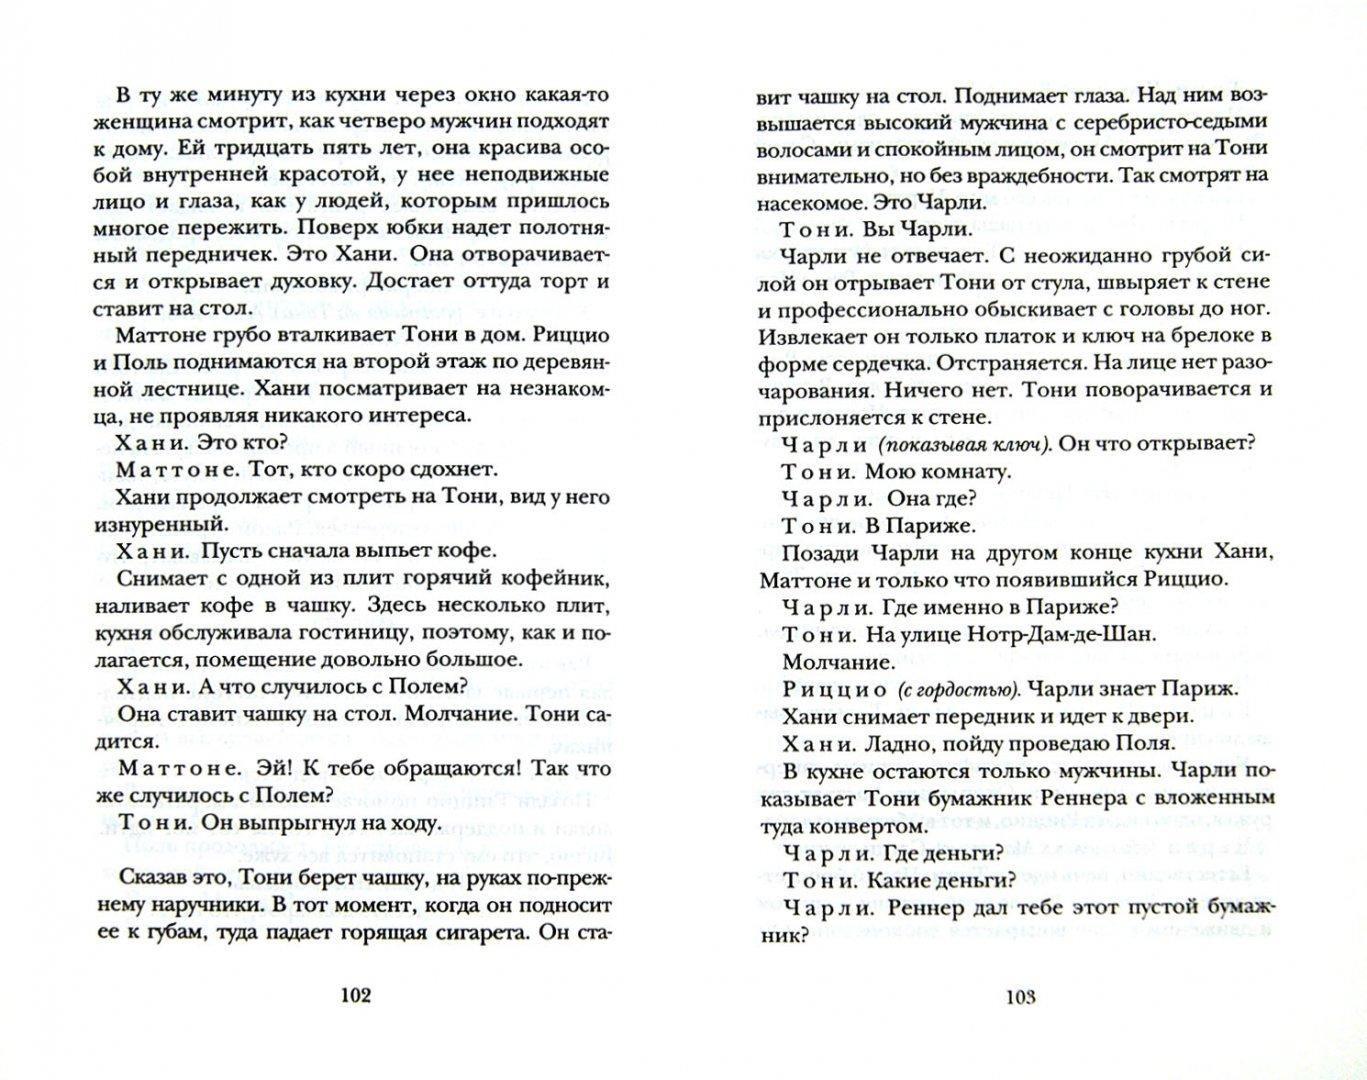 Иллюстрация 1 из 20 для Лики любви и ненависти. Бег зайца через поля - Себастьян Жапризо | Лабиринт - книги. Источник: Лабиринт